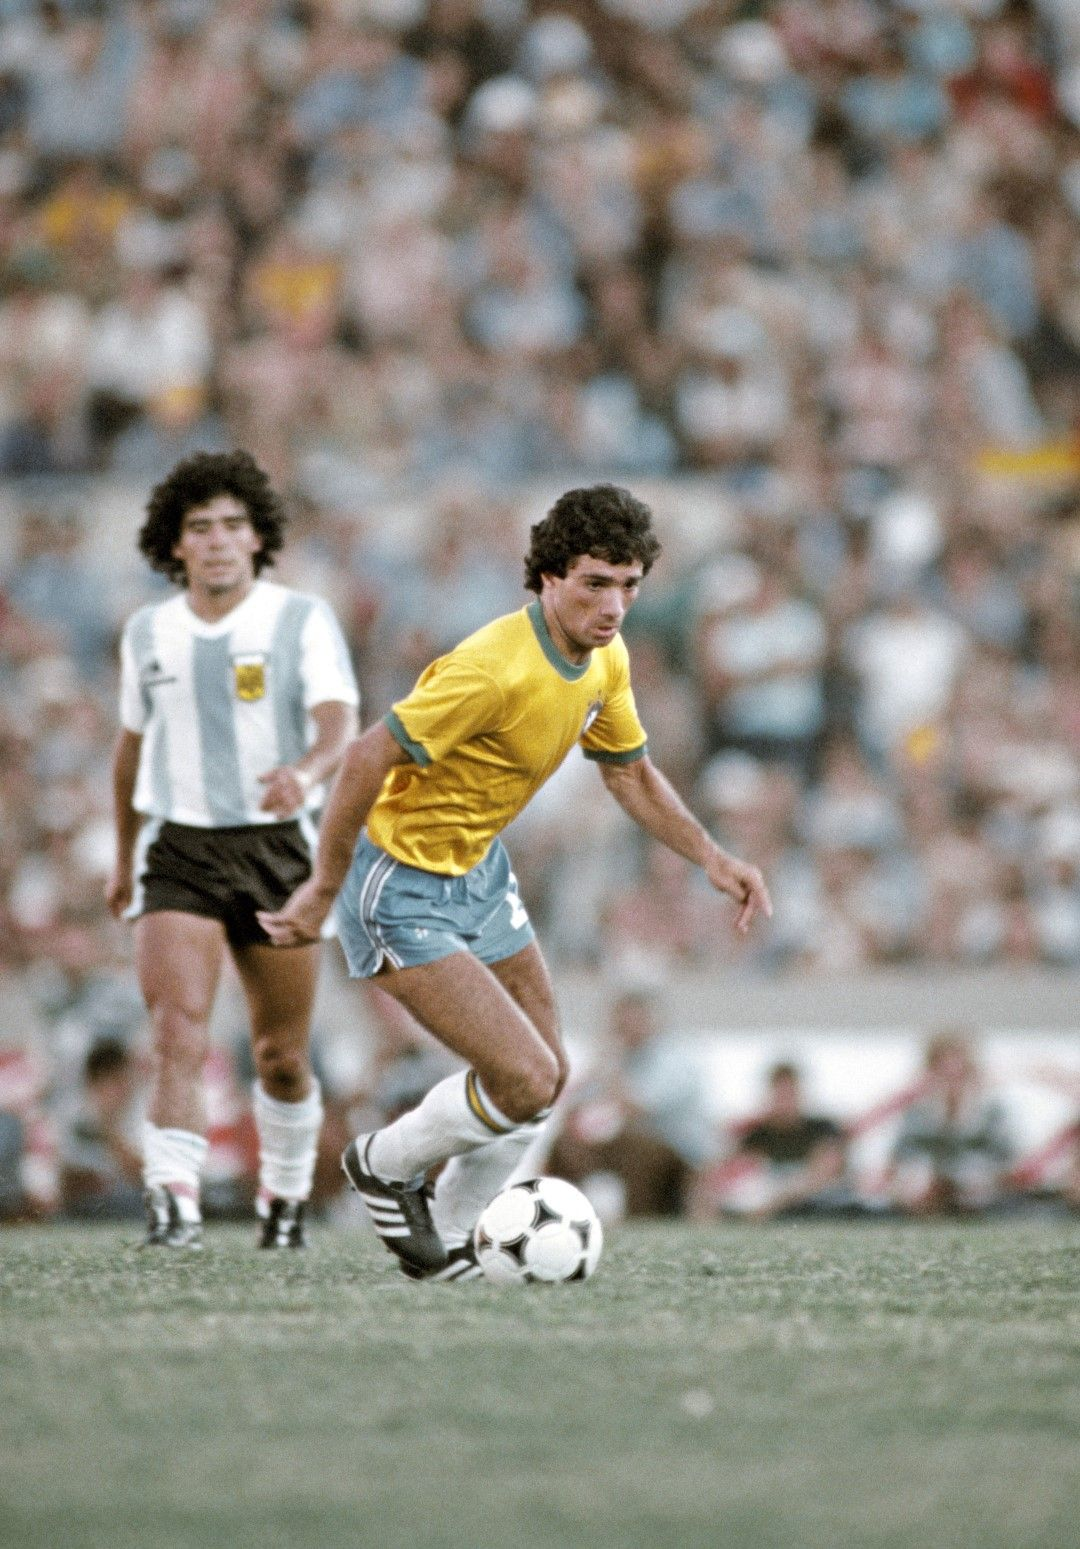 1982 г., Световно първенство в Испания. Бразилия печели с 3:1, а младият Диего Марадона (на заден план) е изгонен